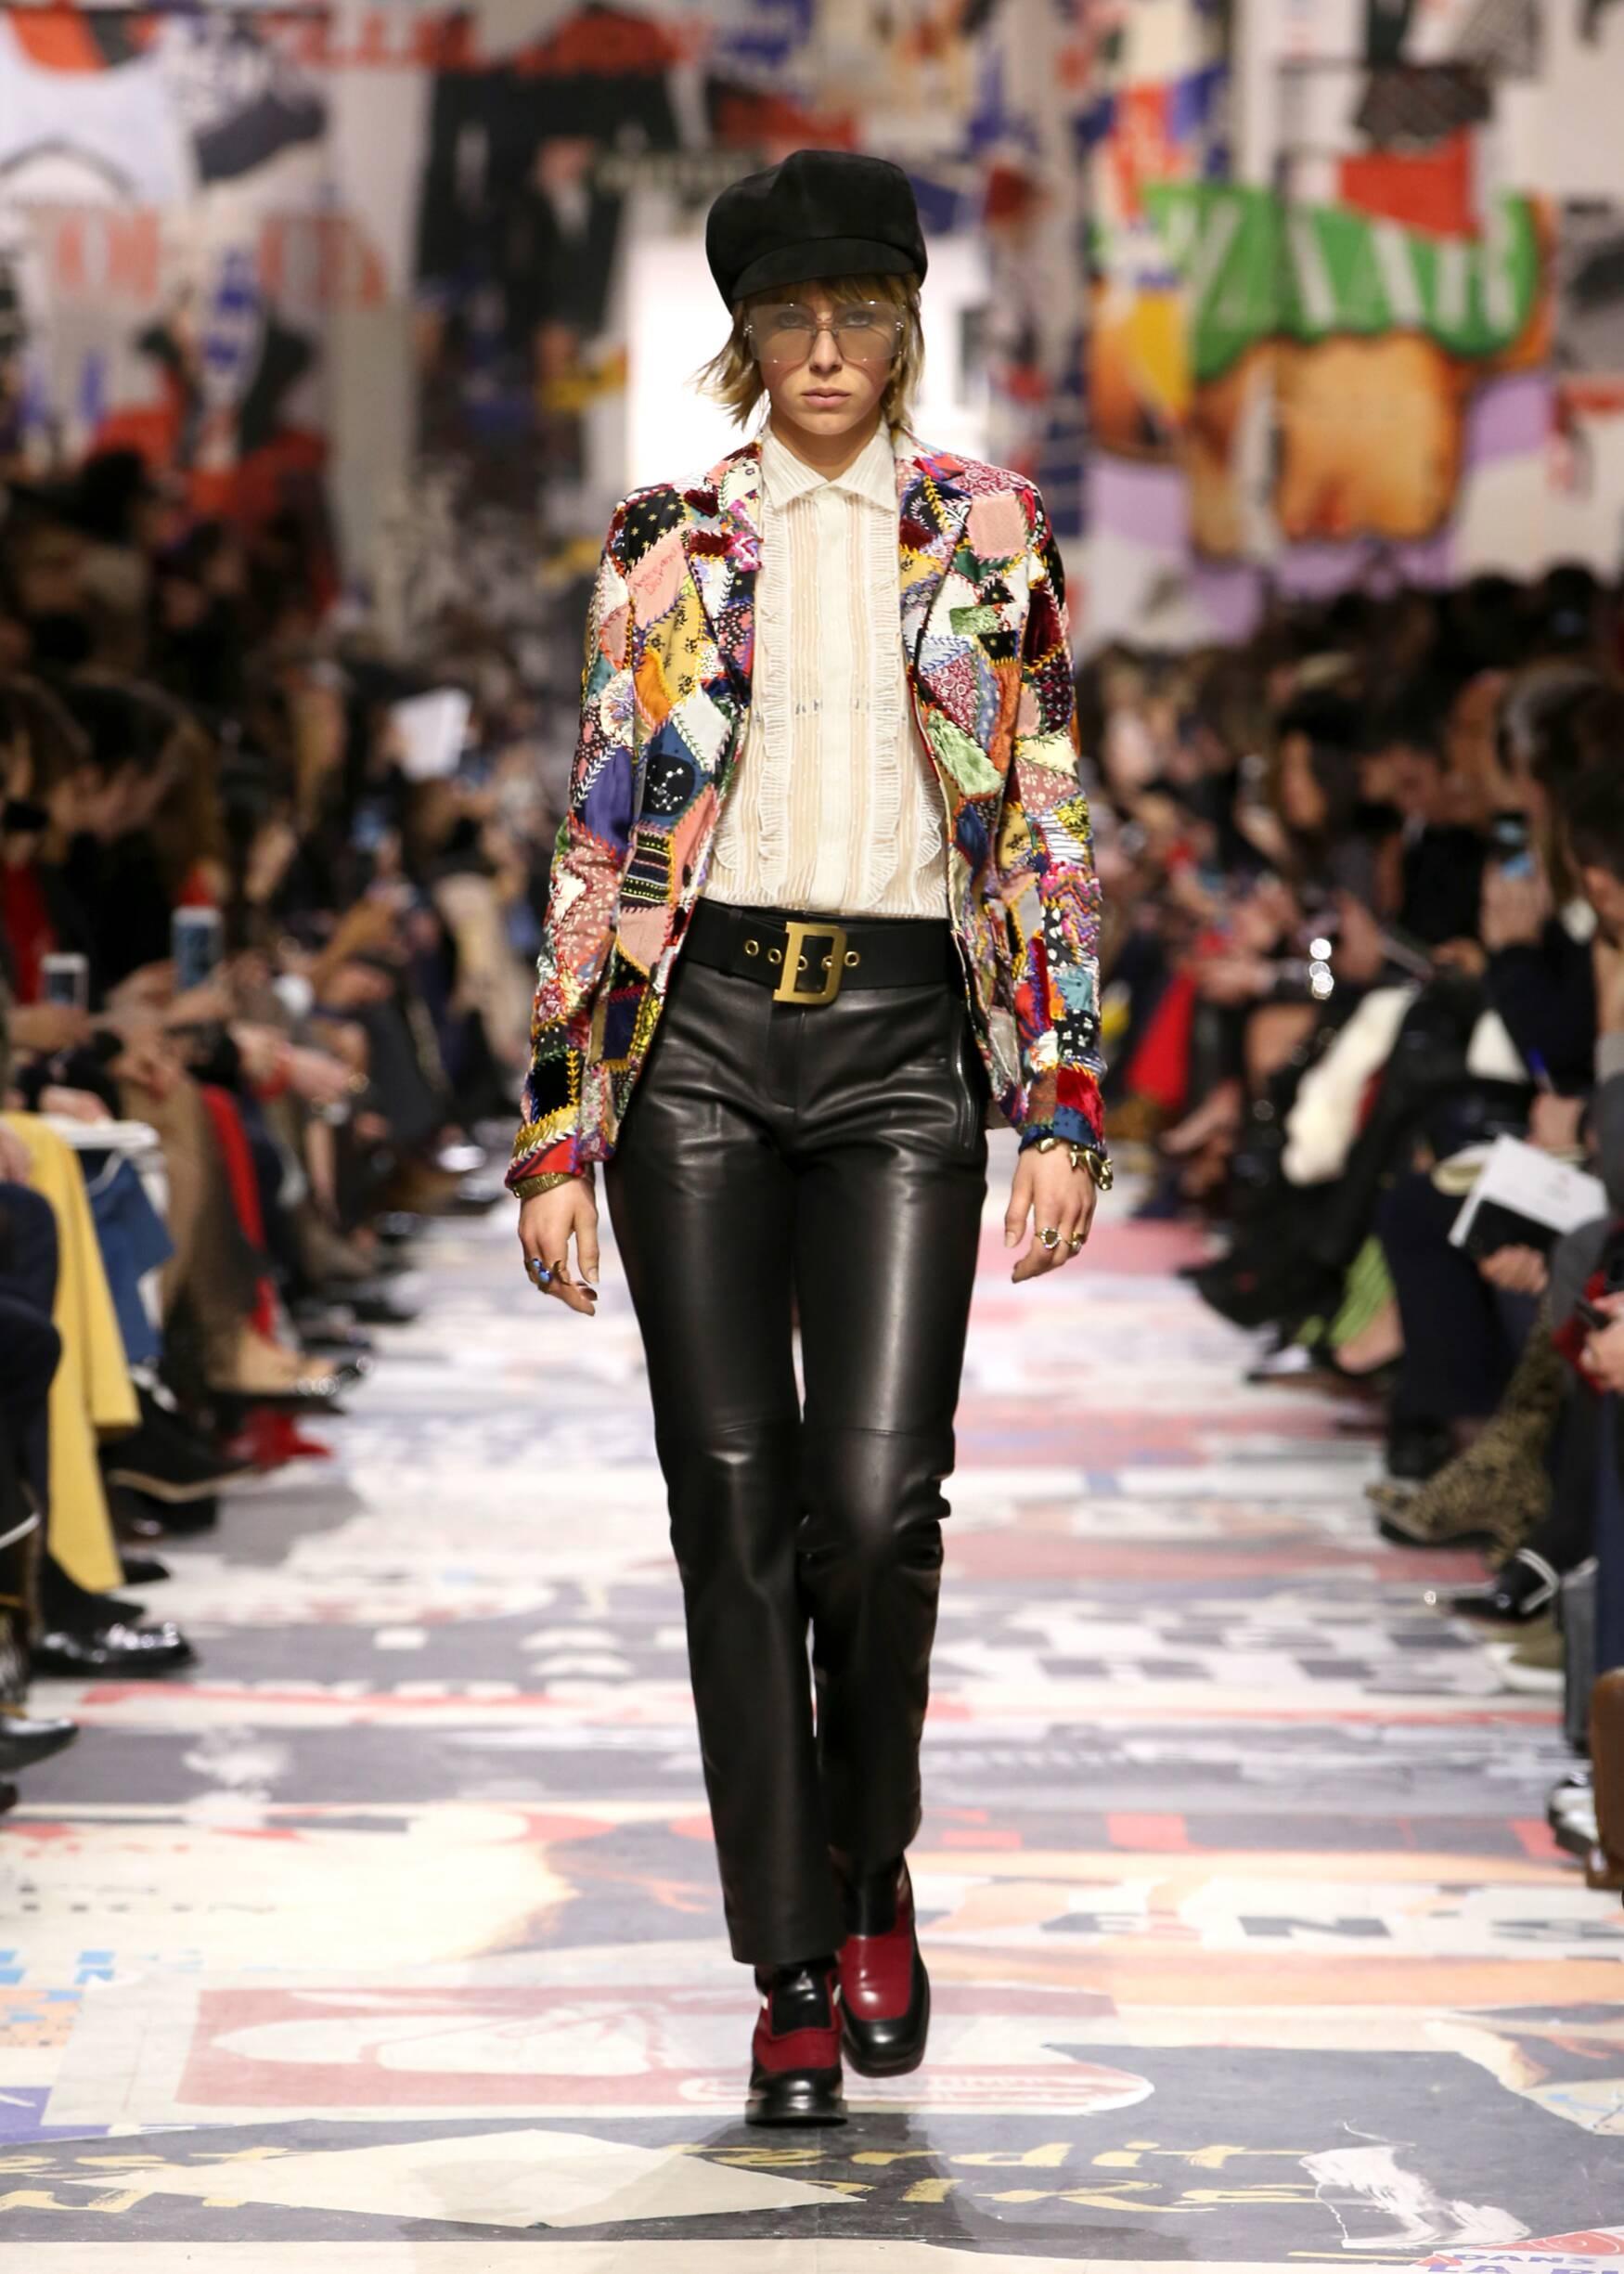 Fashion Woman Model Dior Catwalk